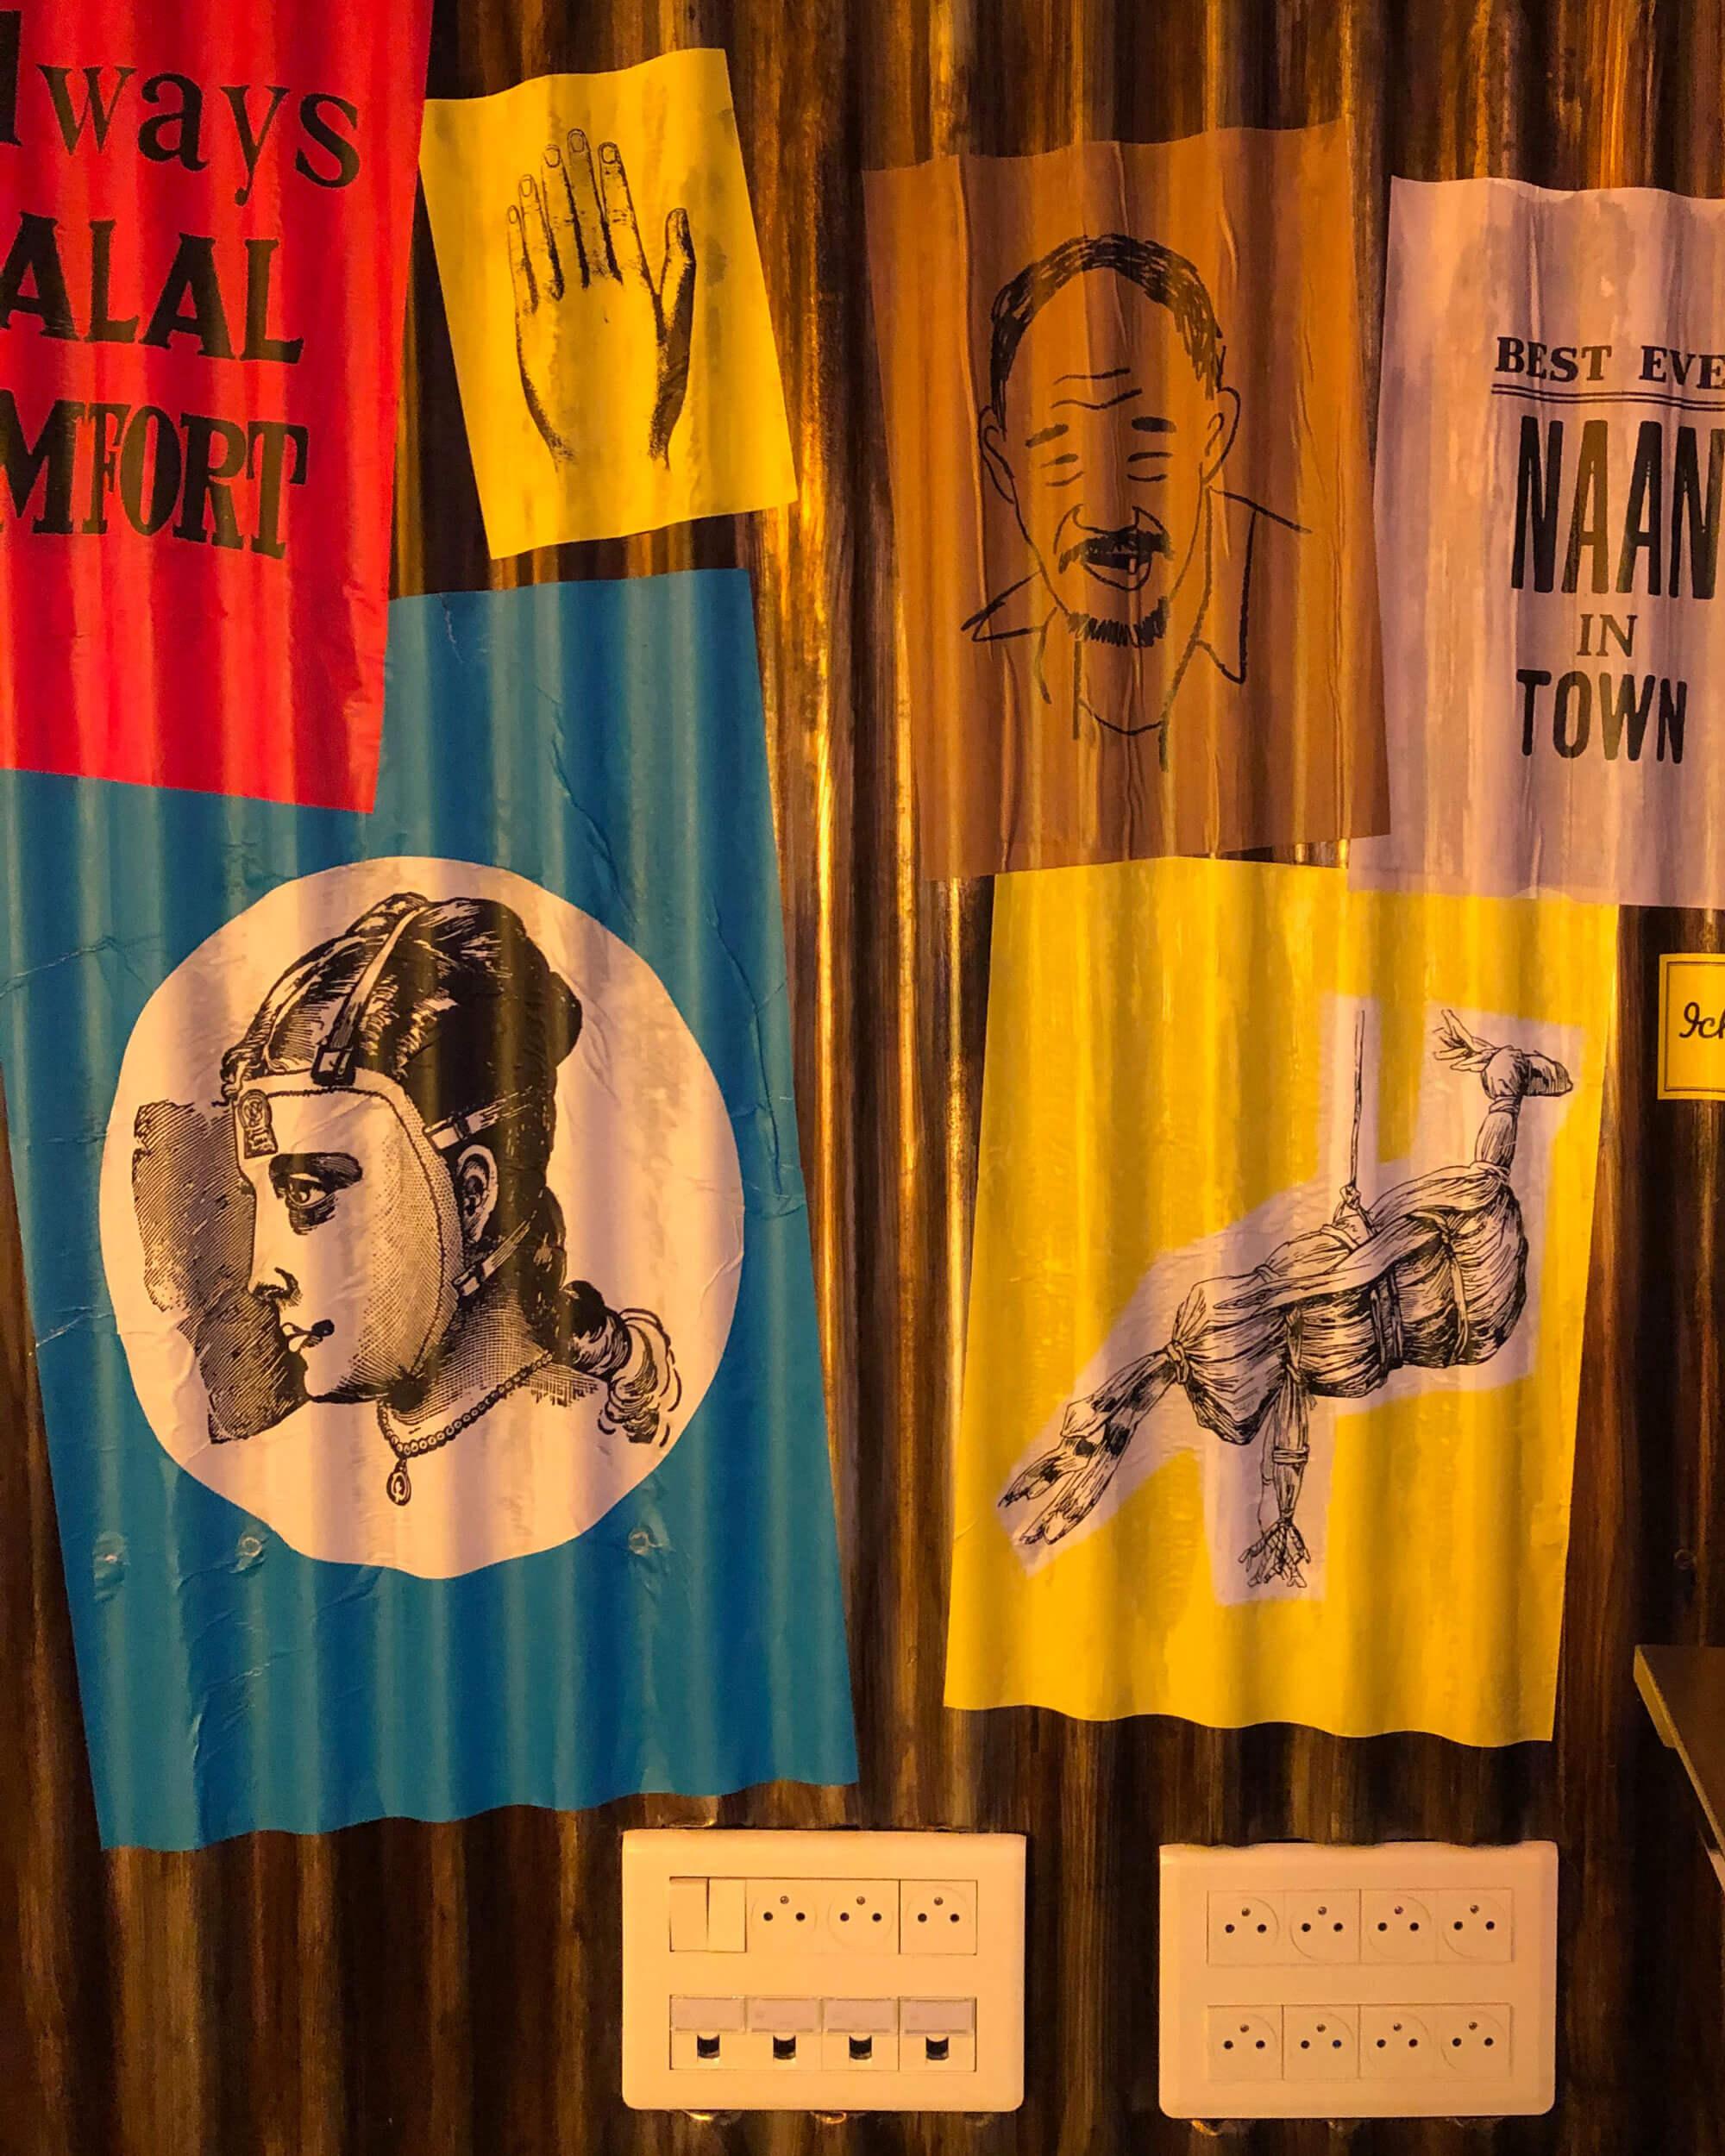 street-bkk-poissonniere-detail-ichetkar-photo-18